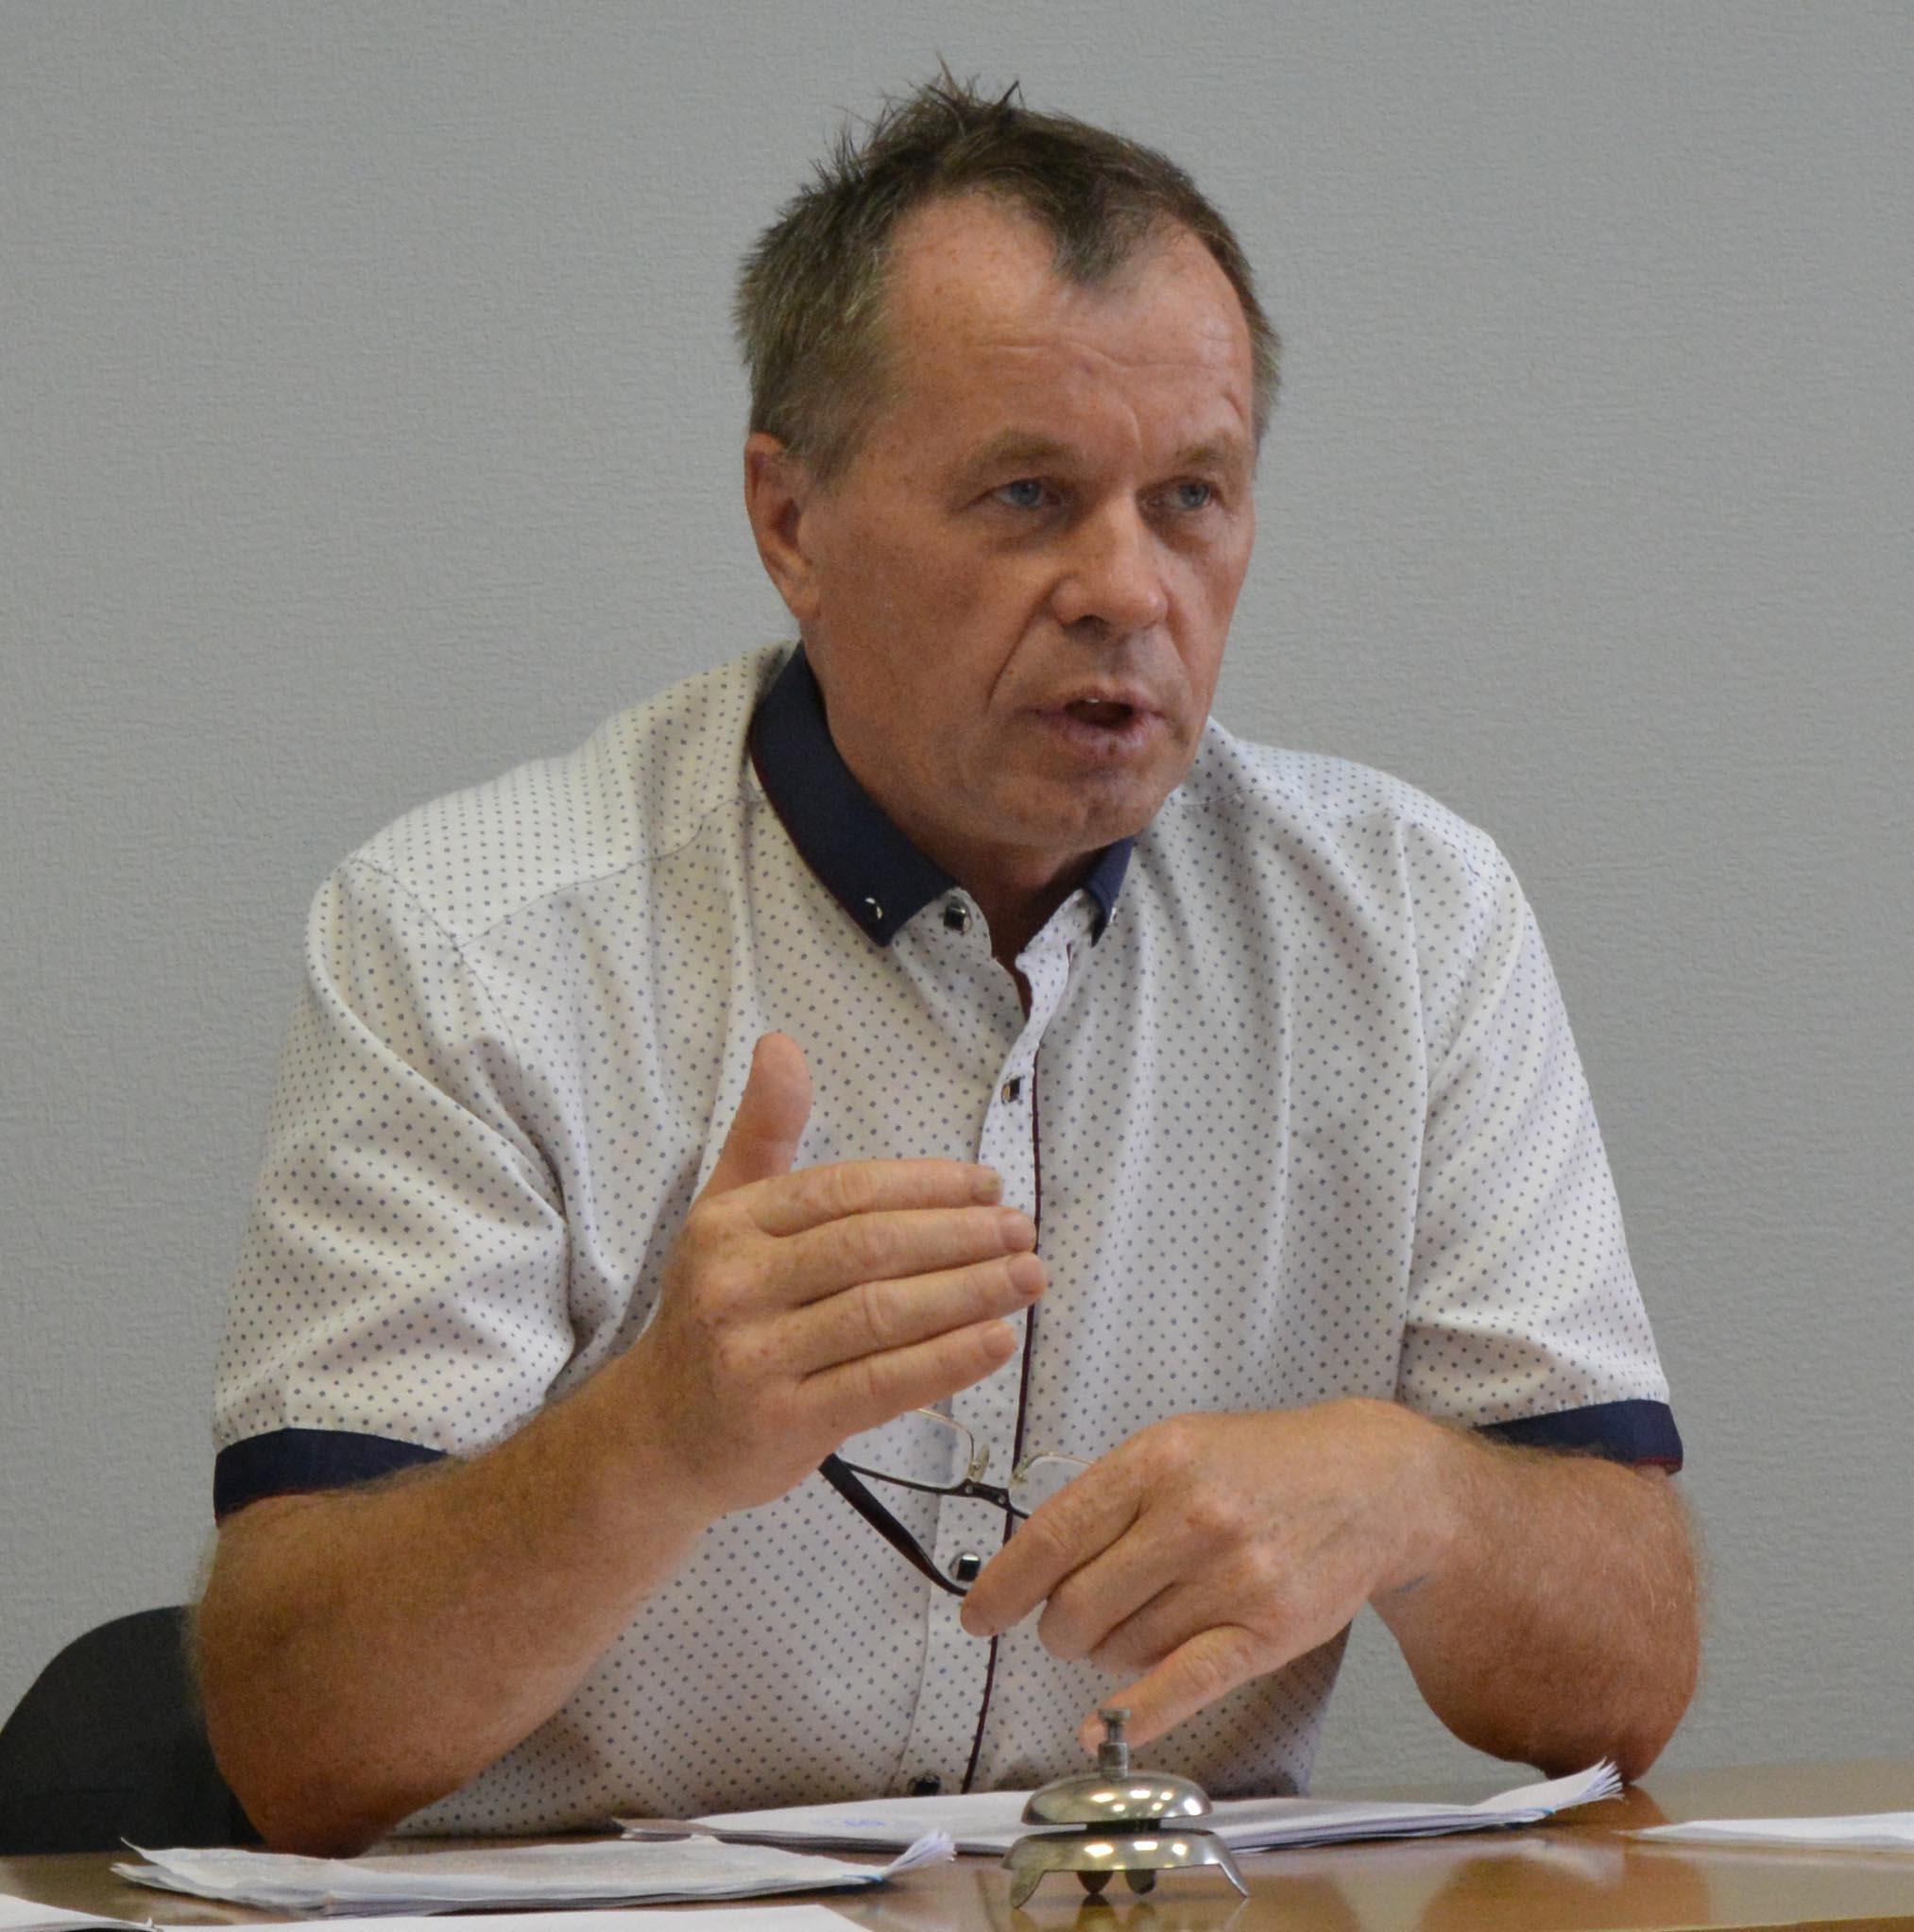 Виктор Демидов. Фото: Алексей Владимиров